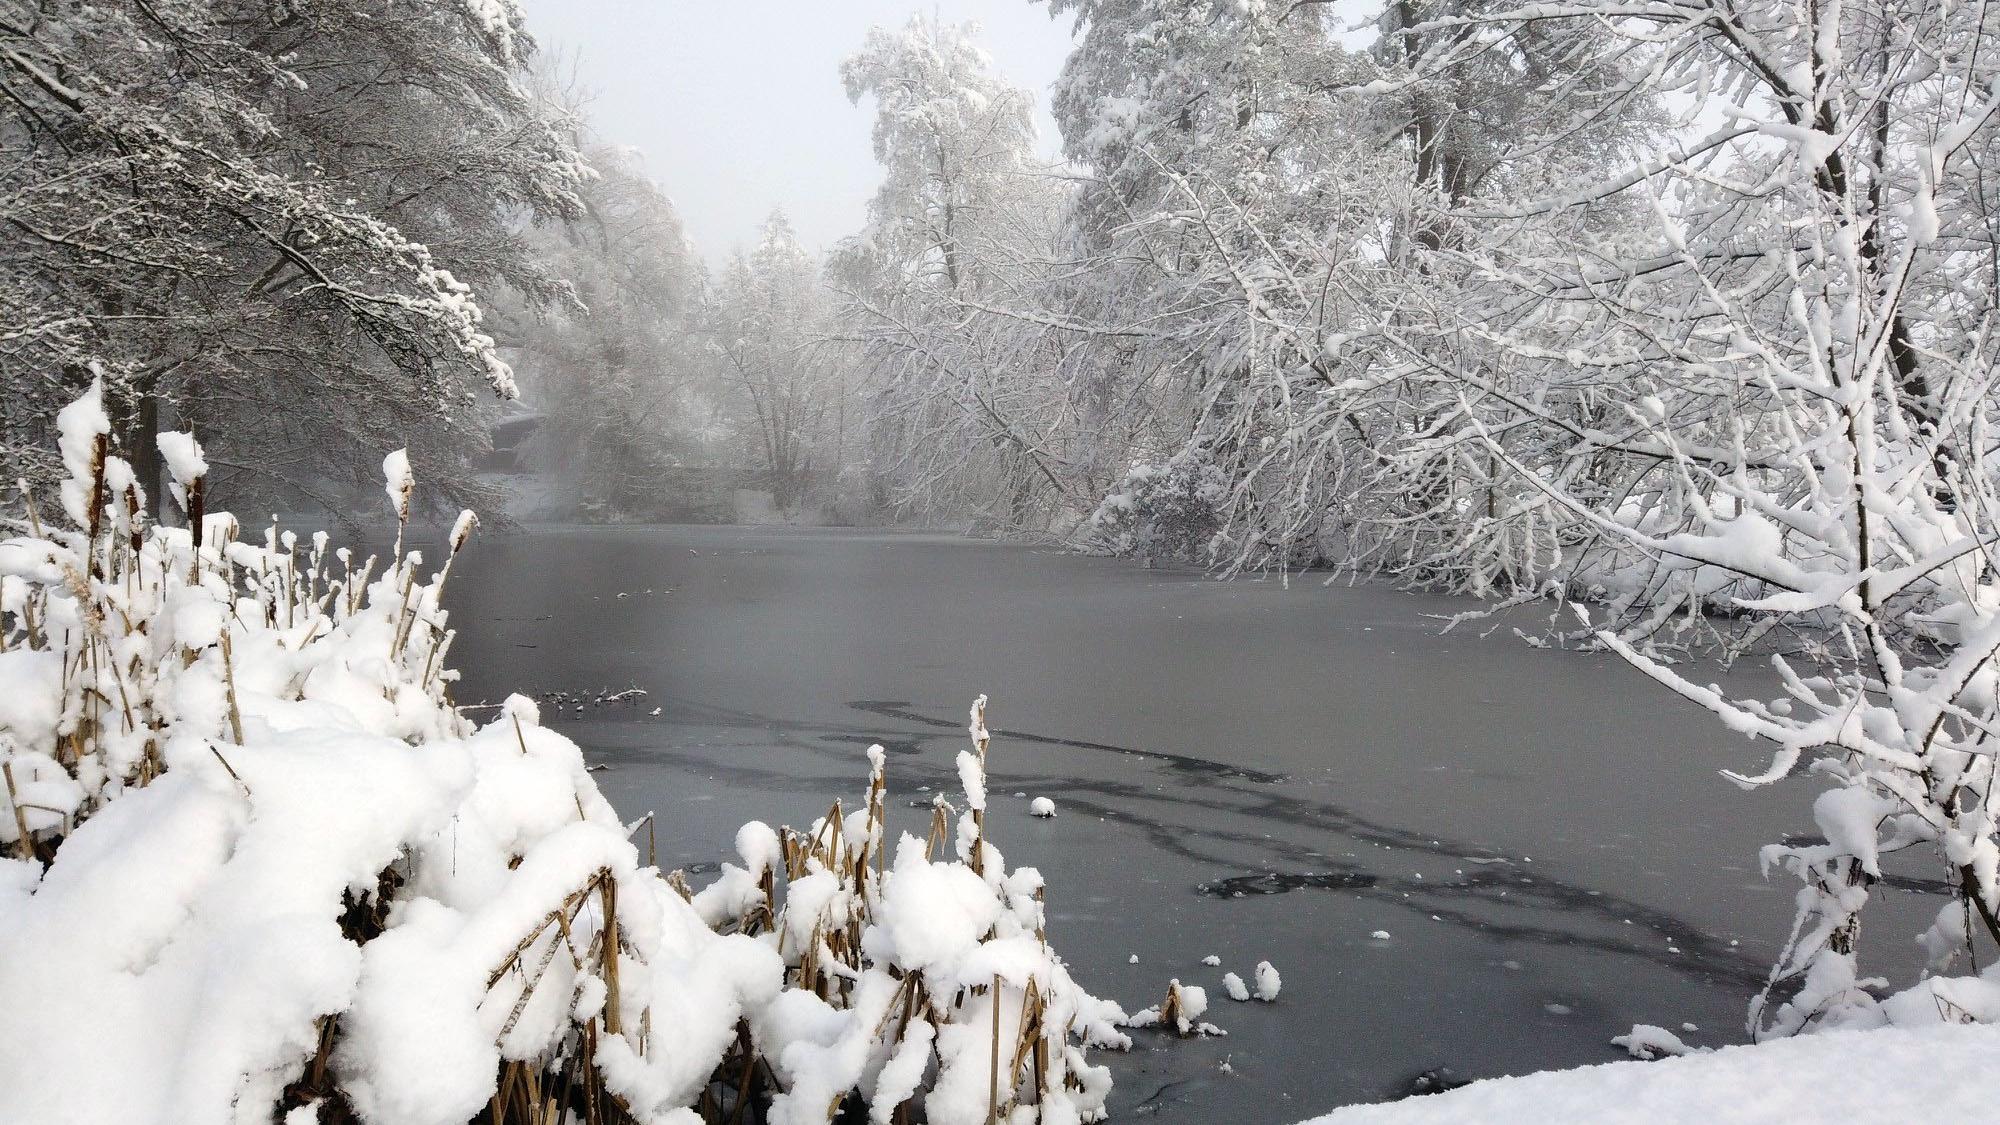 Winterlandschaft in Roding im Landkreis Cham